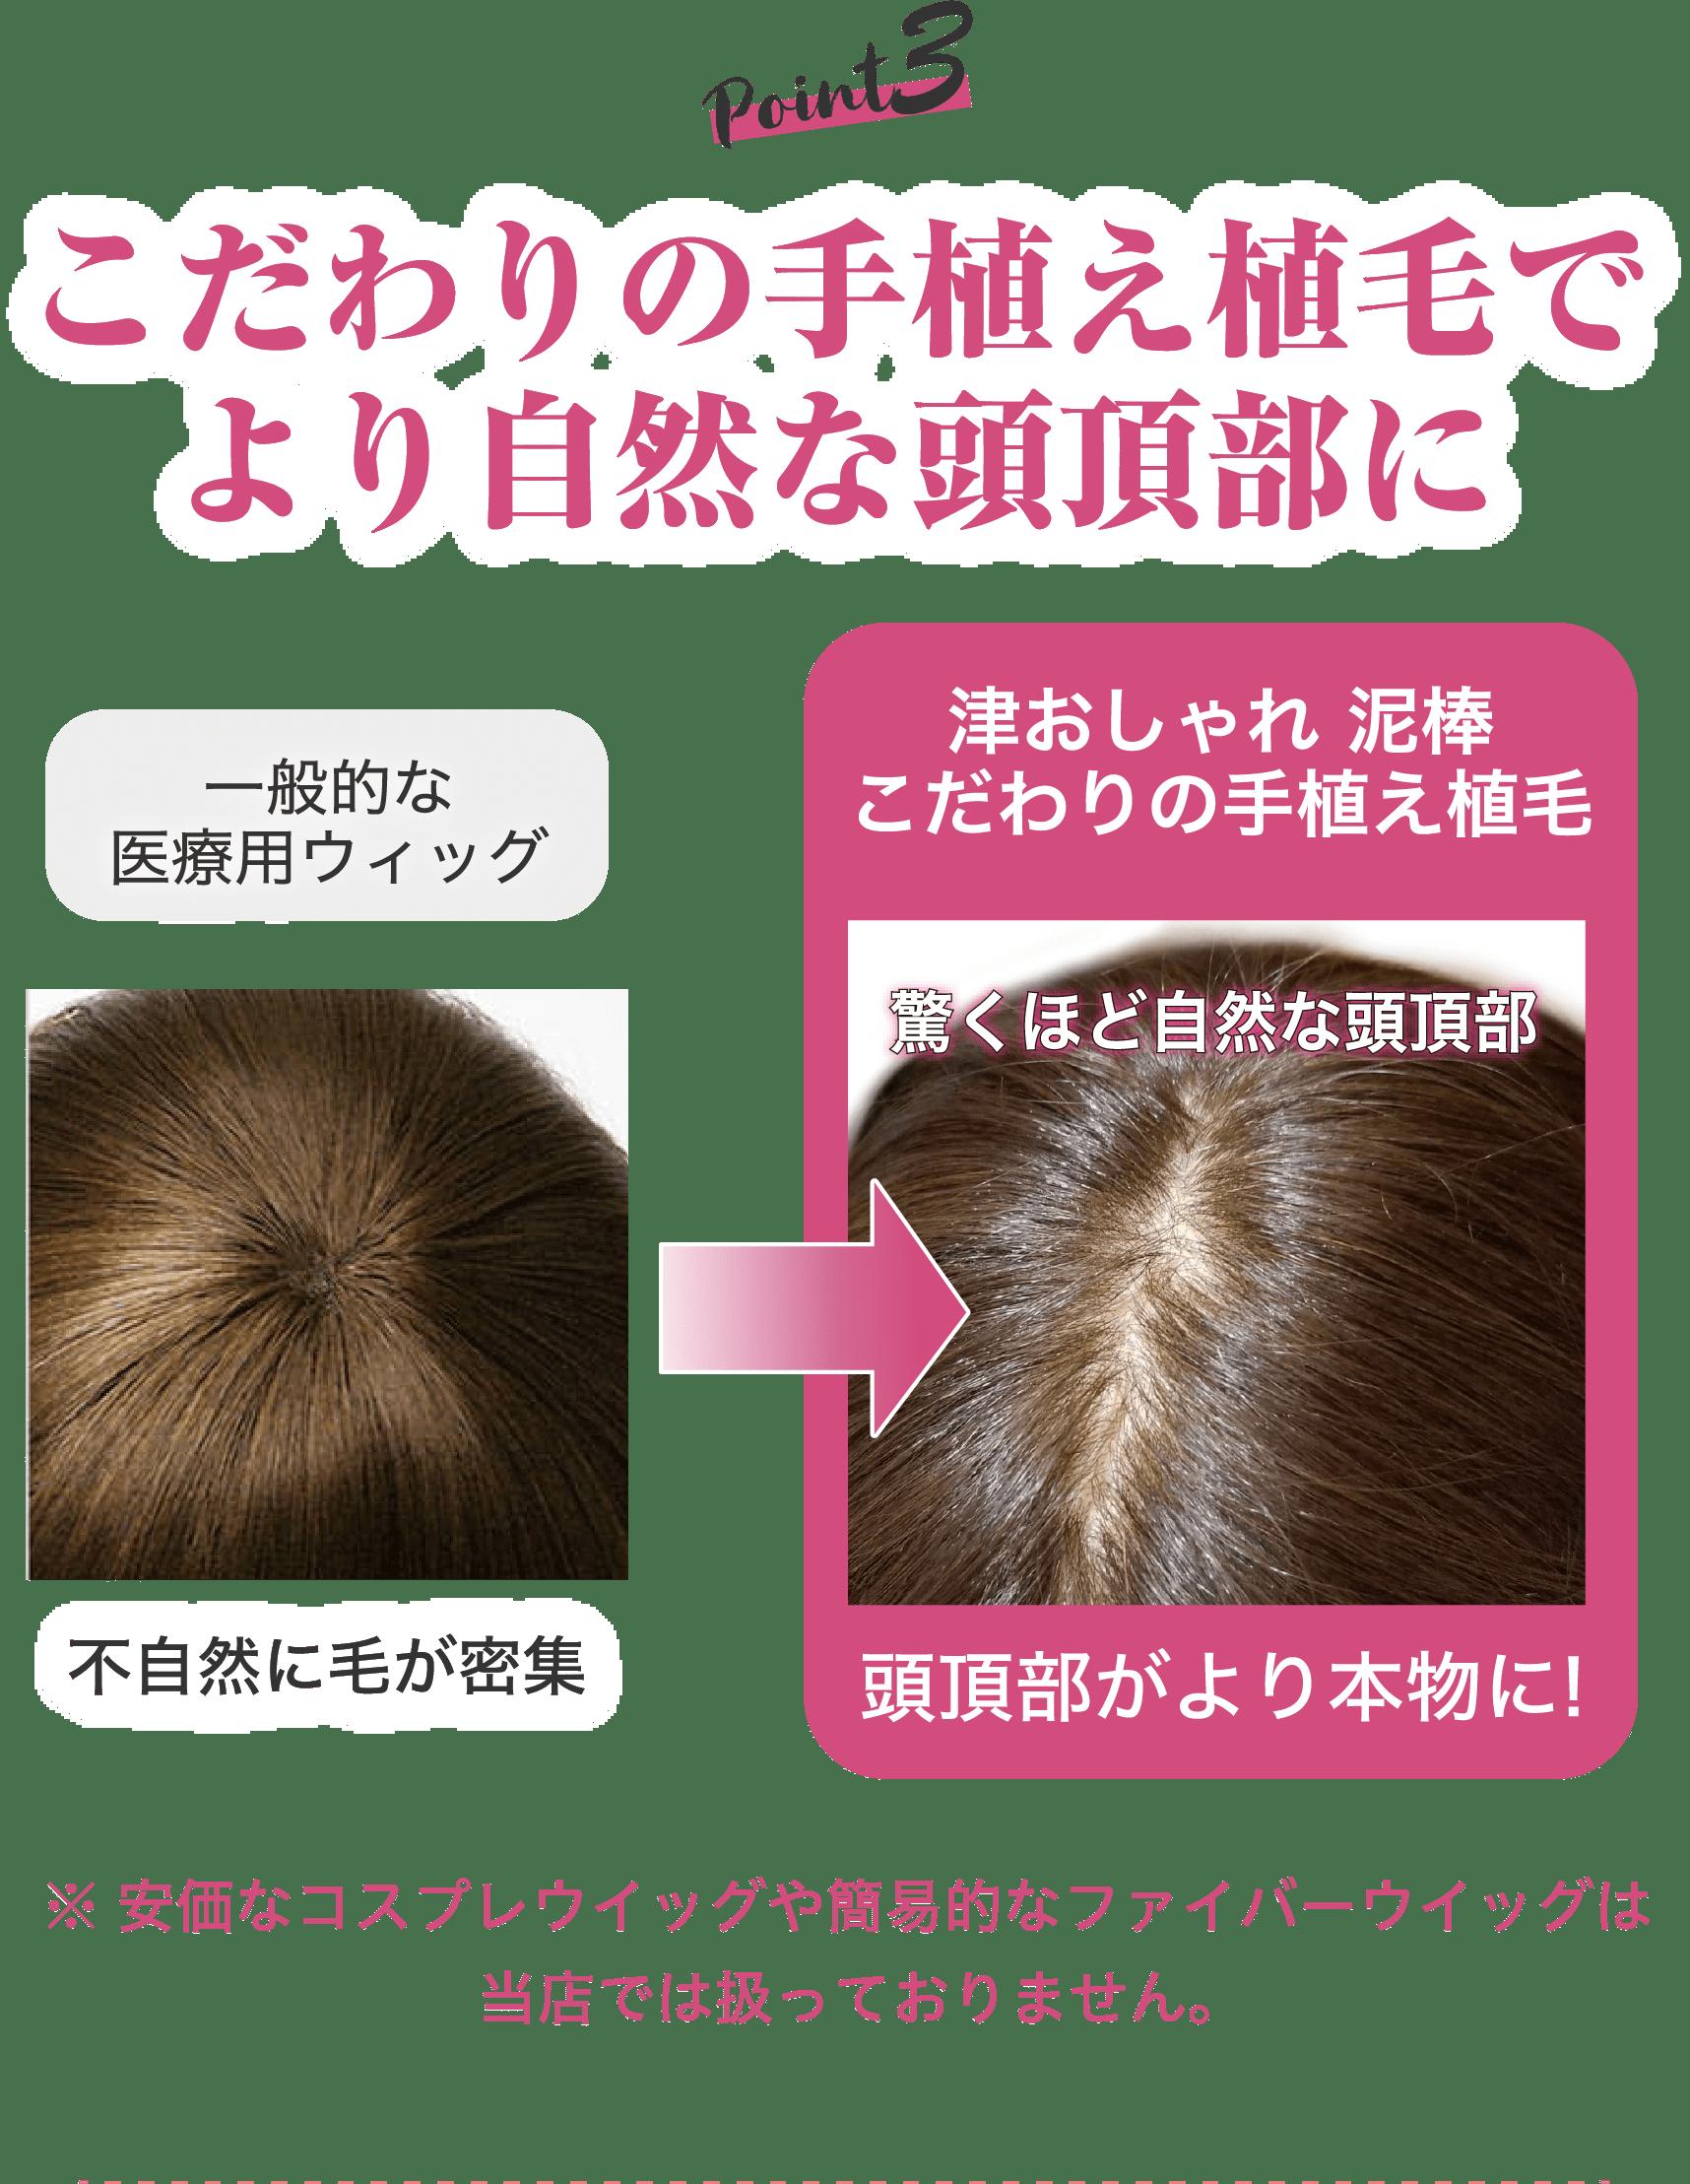 こだわりの手植え植毛でより自然な頭頂部に